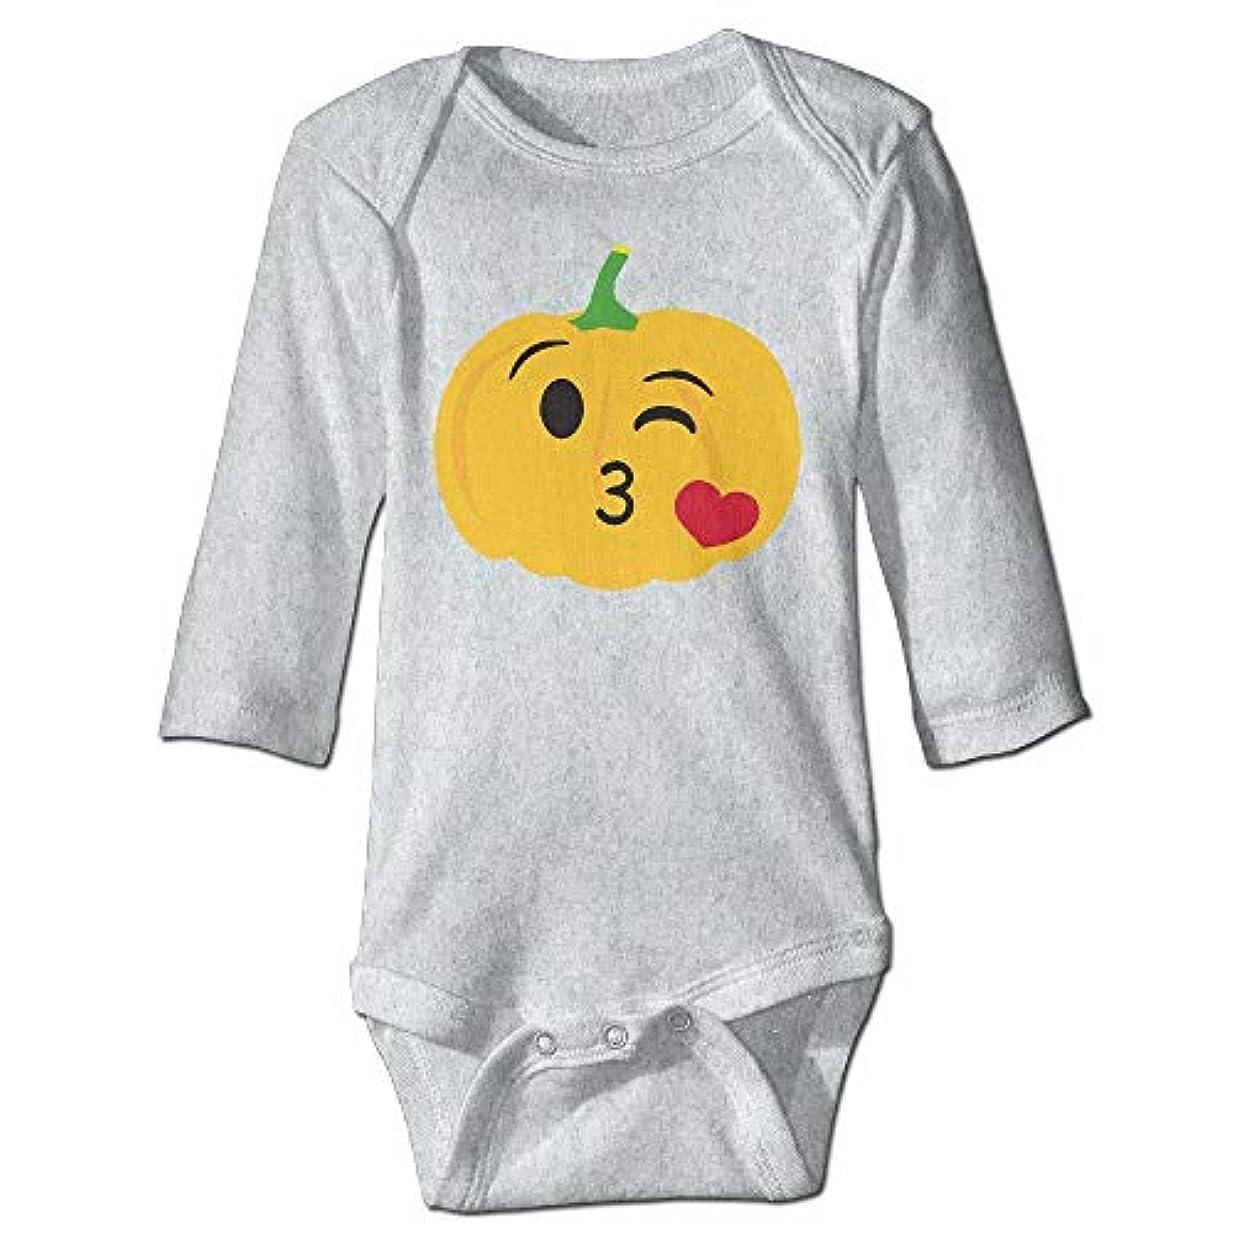 揃える故意の過ち幼児ハロウィンかぼちゃ愛ユニセックス赤ちゃんワンシーボディスーツ長袖サイズ18 M